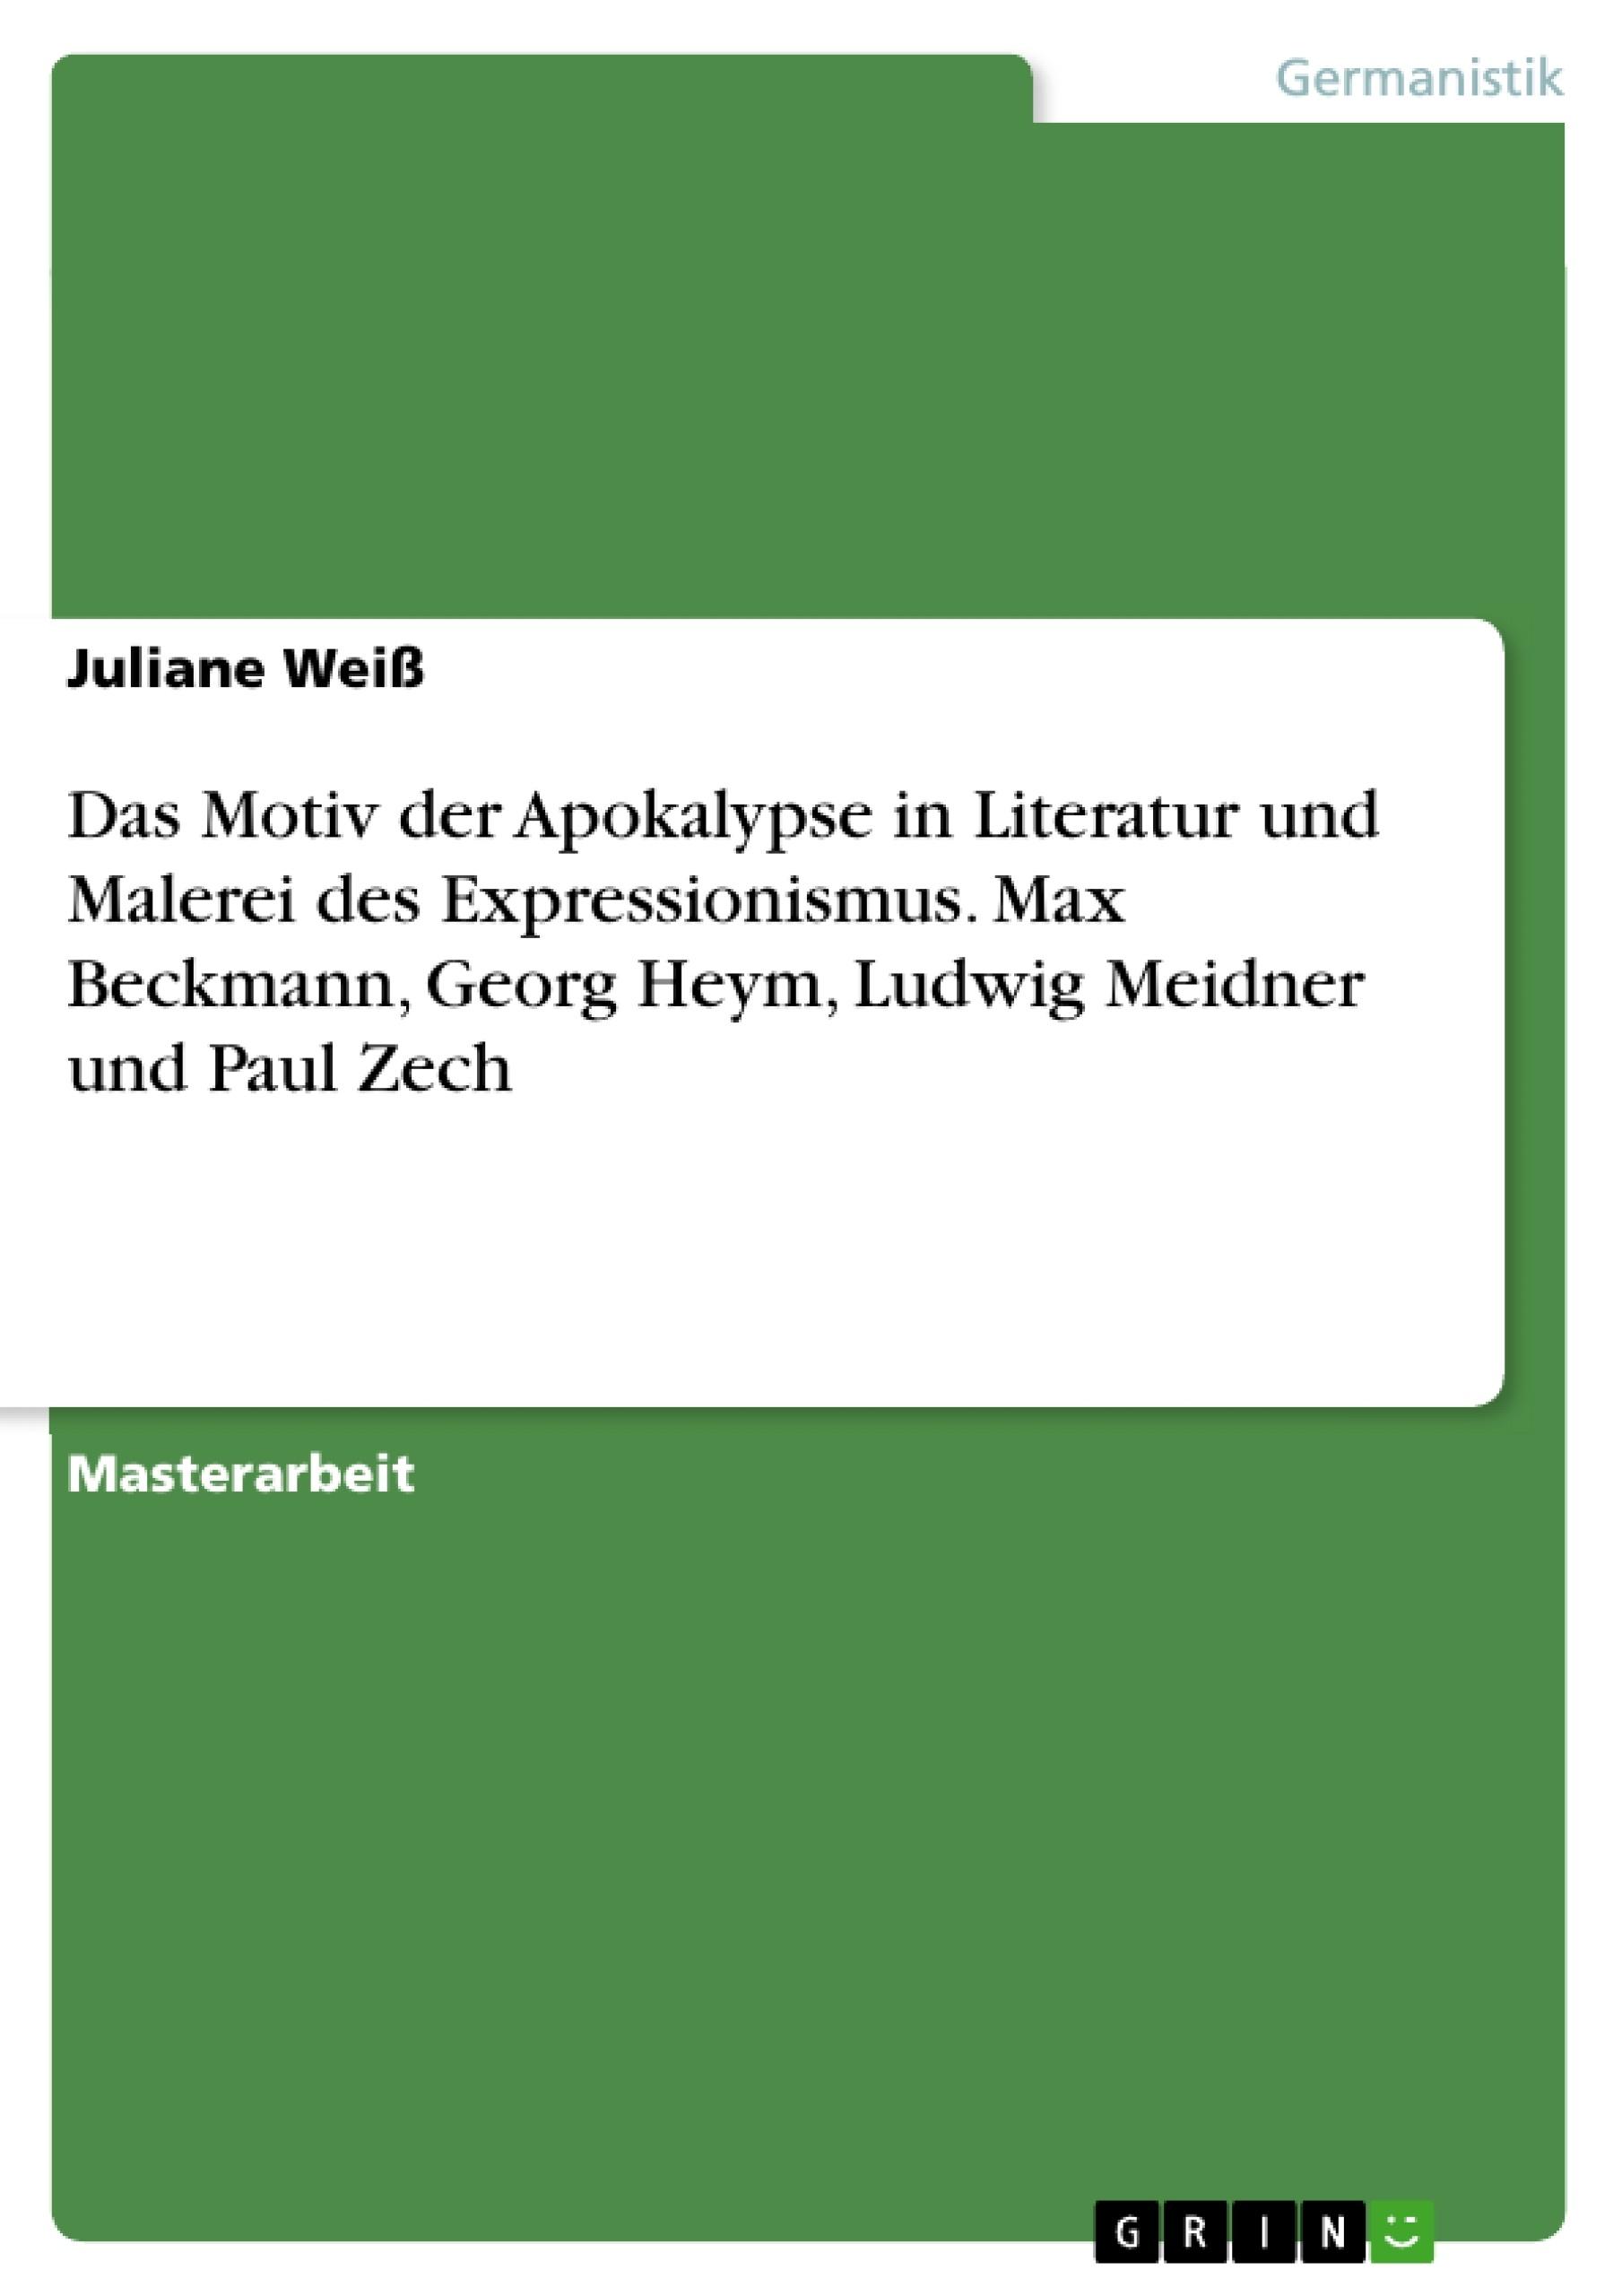 Titel: Das Motiv der Apokalypse in Literatur und Malerei des Expressionismus. Max Beckmann, Georg Heym, Ludwig Meidner und Paul Zech